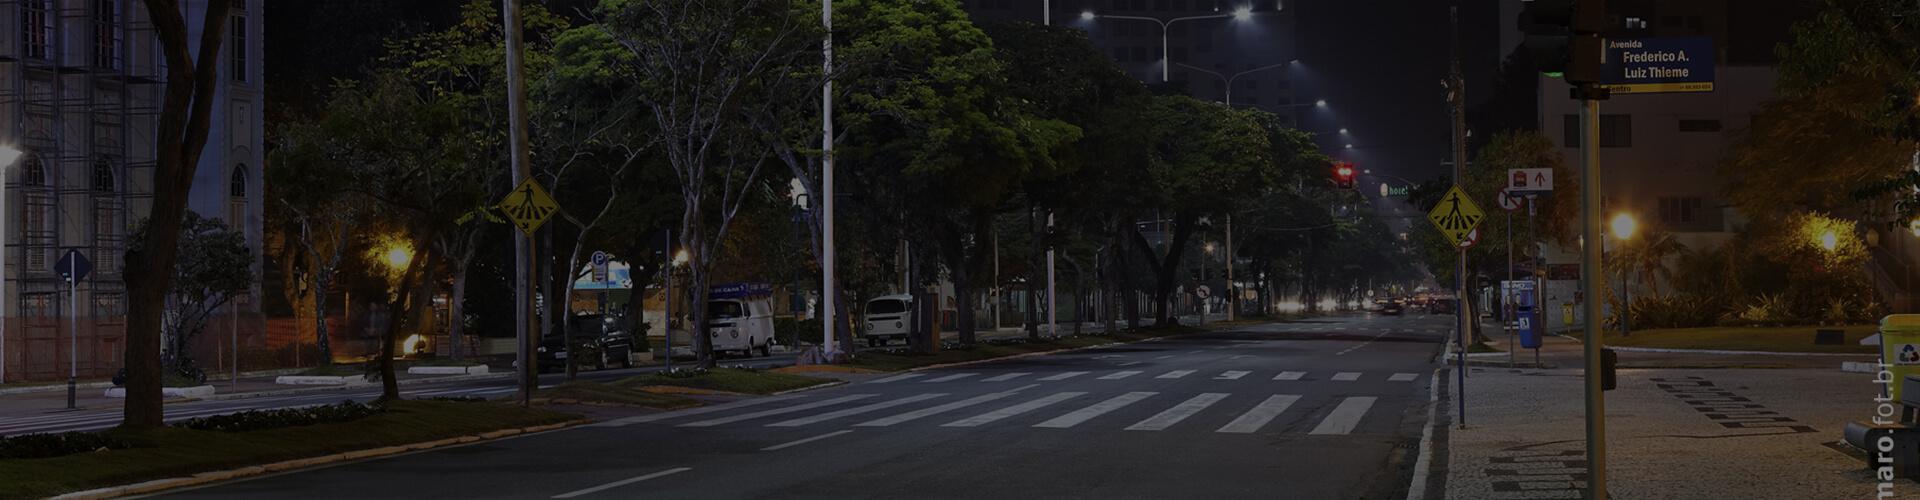 ITAJAÍ - LED - AV MARCOS KONDER - FOT. ADRIANO AMARO